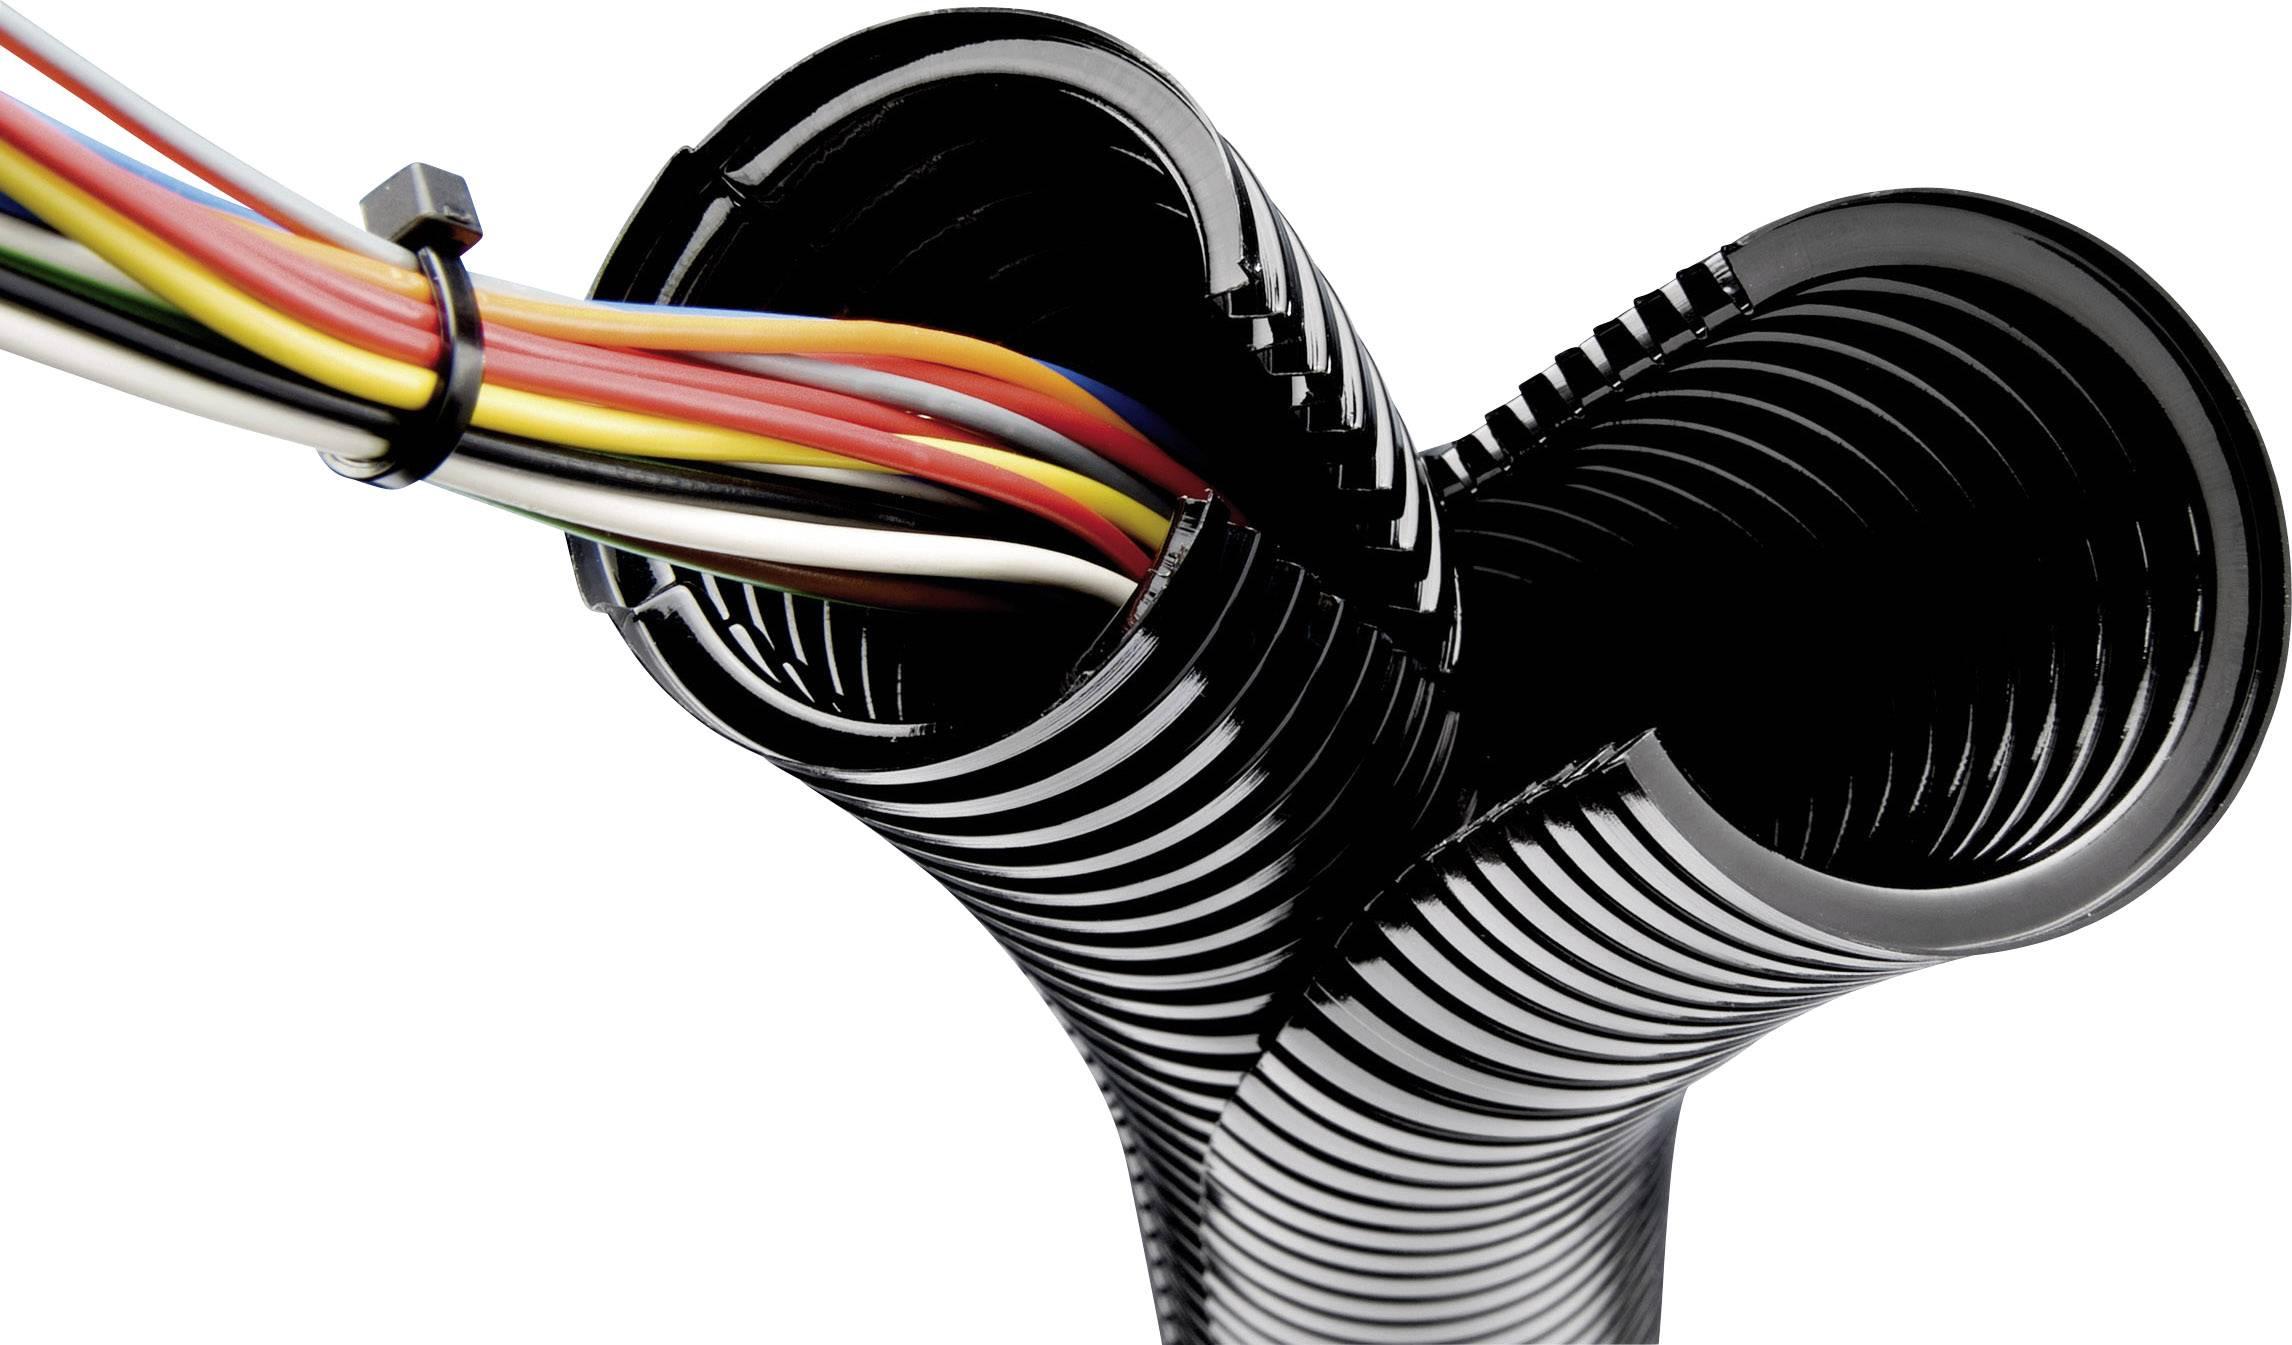 LappKabel SILVYN® SPLIT 20 61806640, 19.80 mm, čierna, metrový tovar